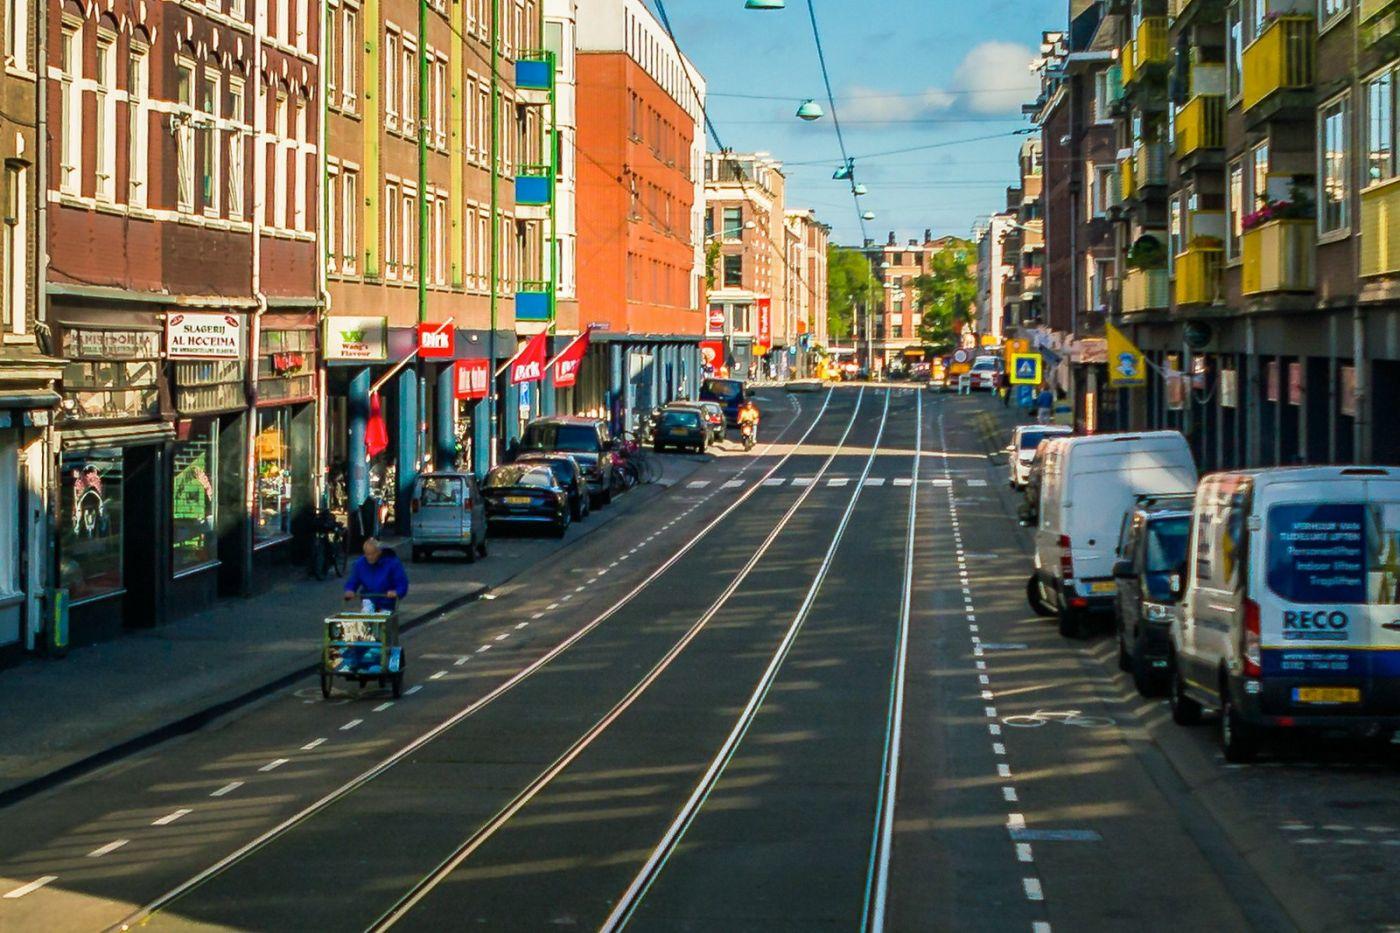 荷兰阿姆斯特丹,穿梭的自行车_图1-35